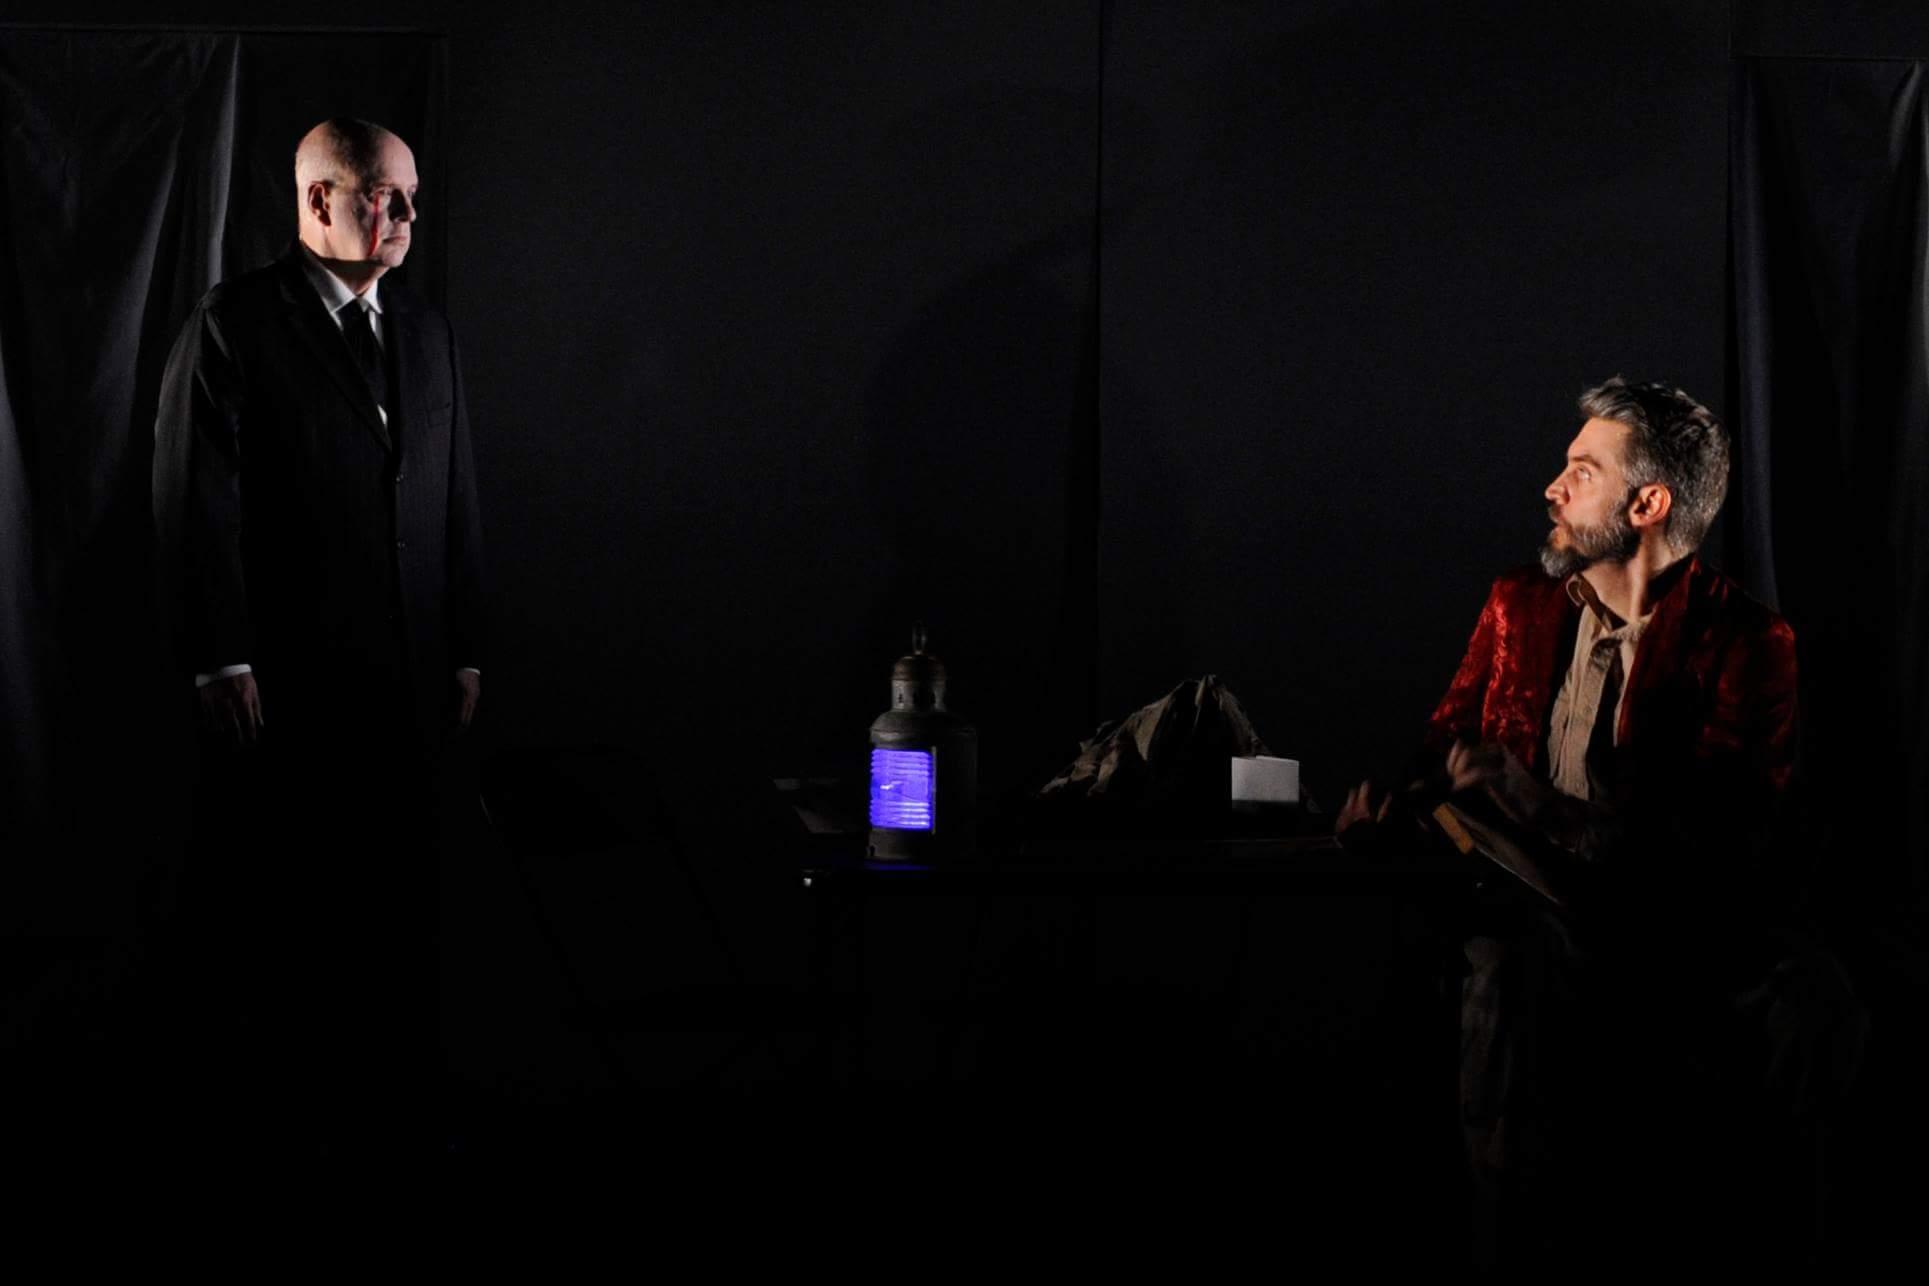 Julius Caesar - Quintessence Theatre Group